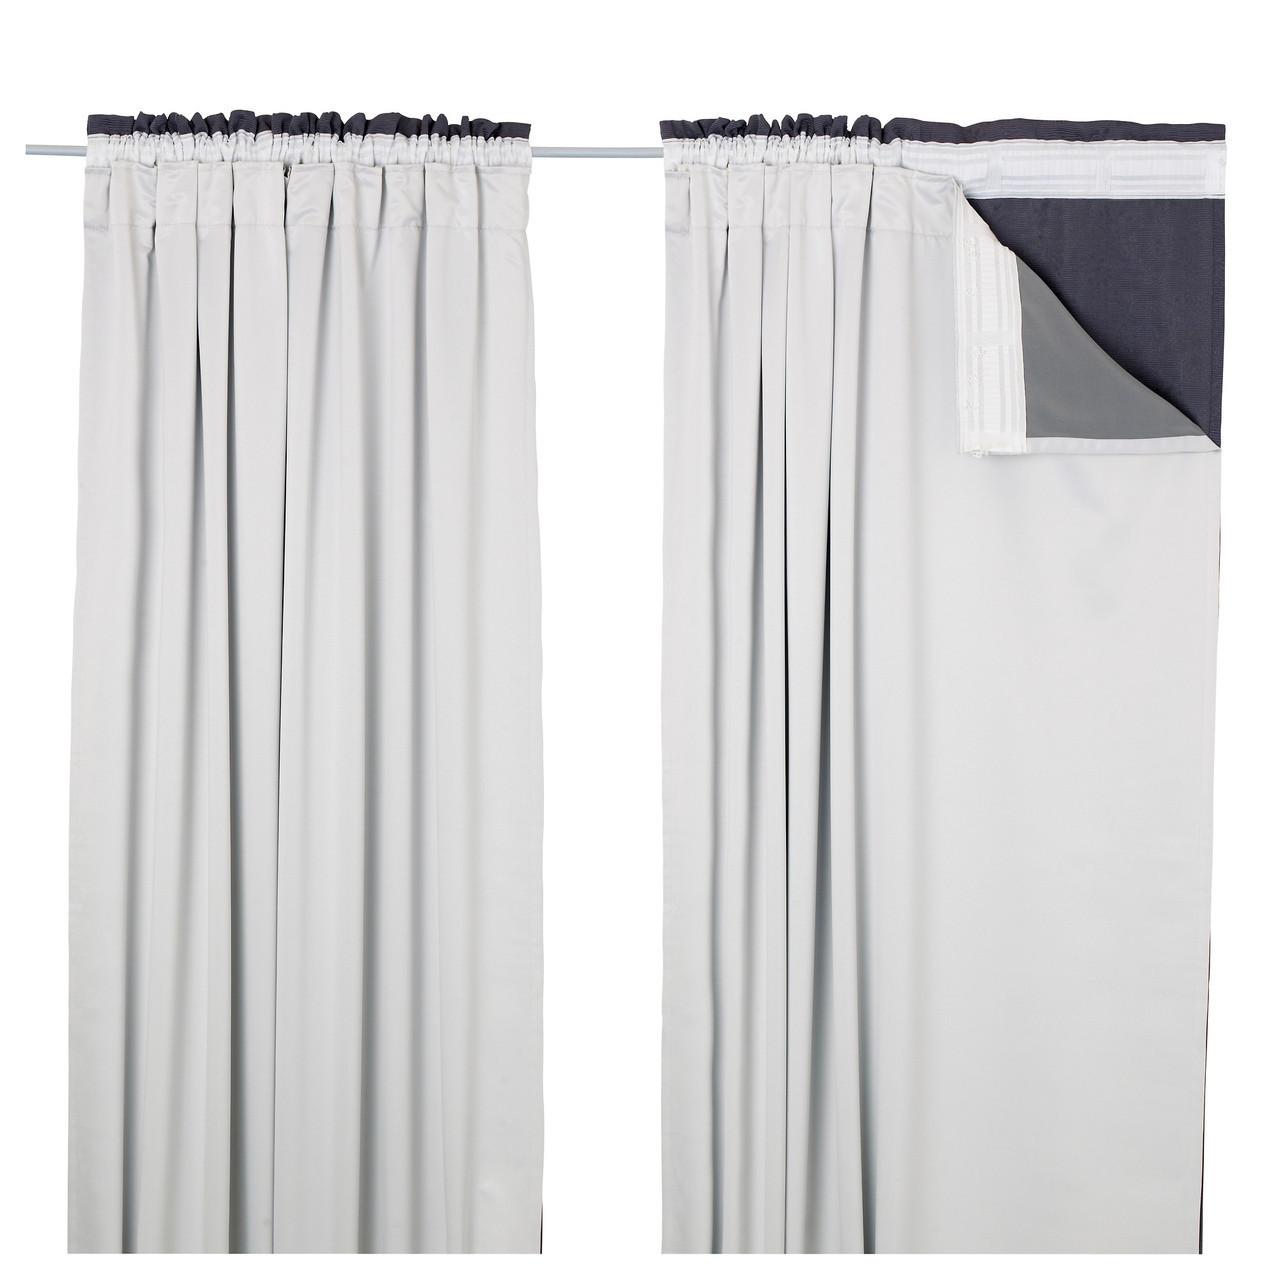 GLANSNÄVA Завеса, 2 панели, светло-серый 702.912.89